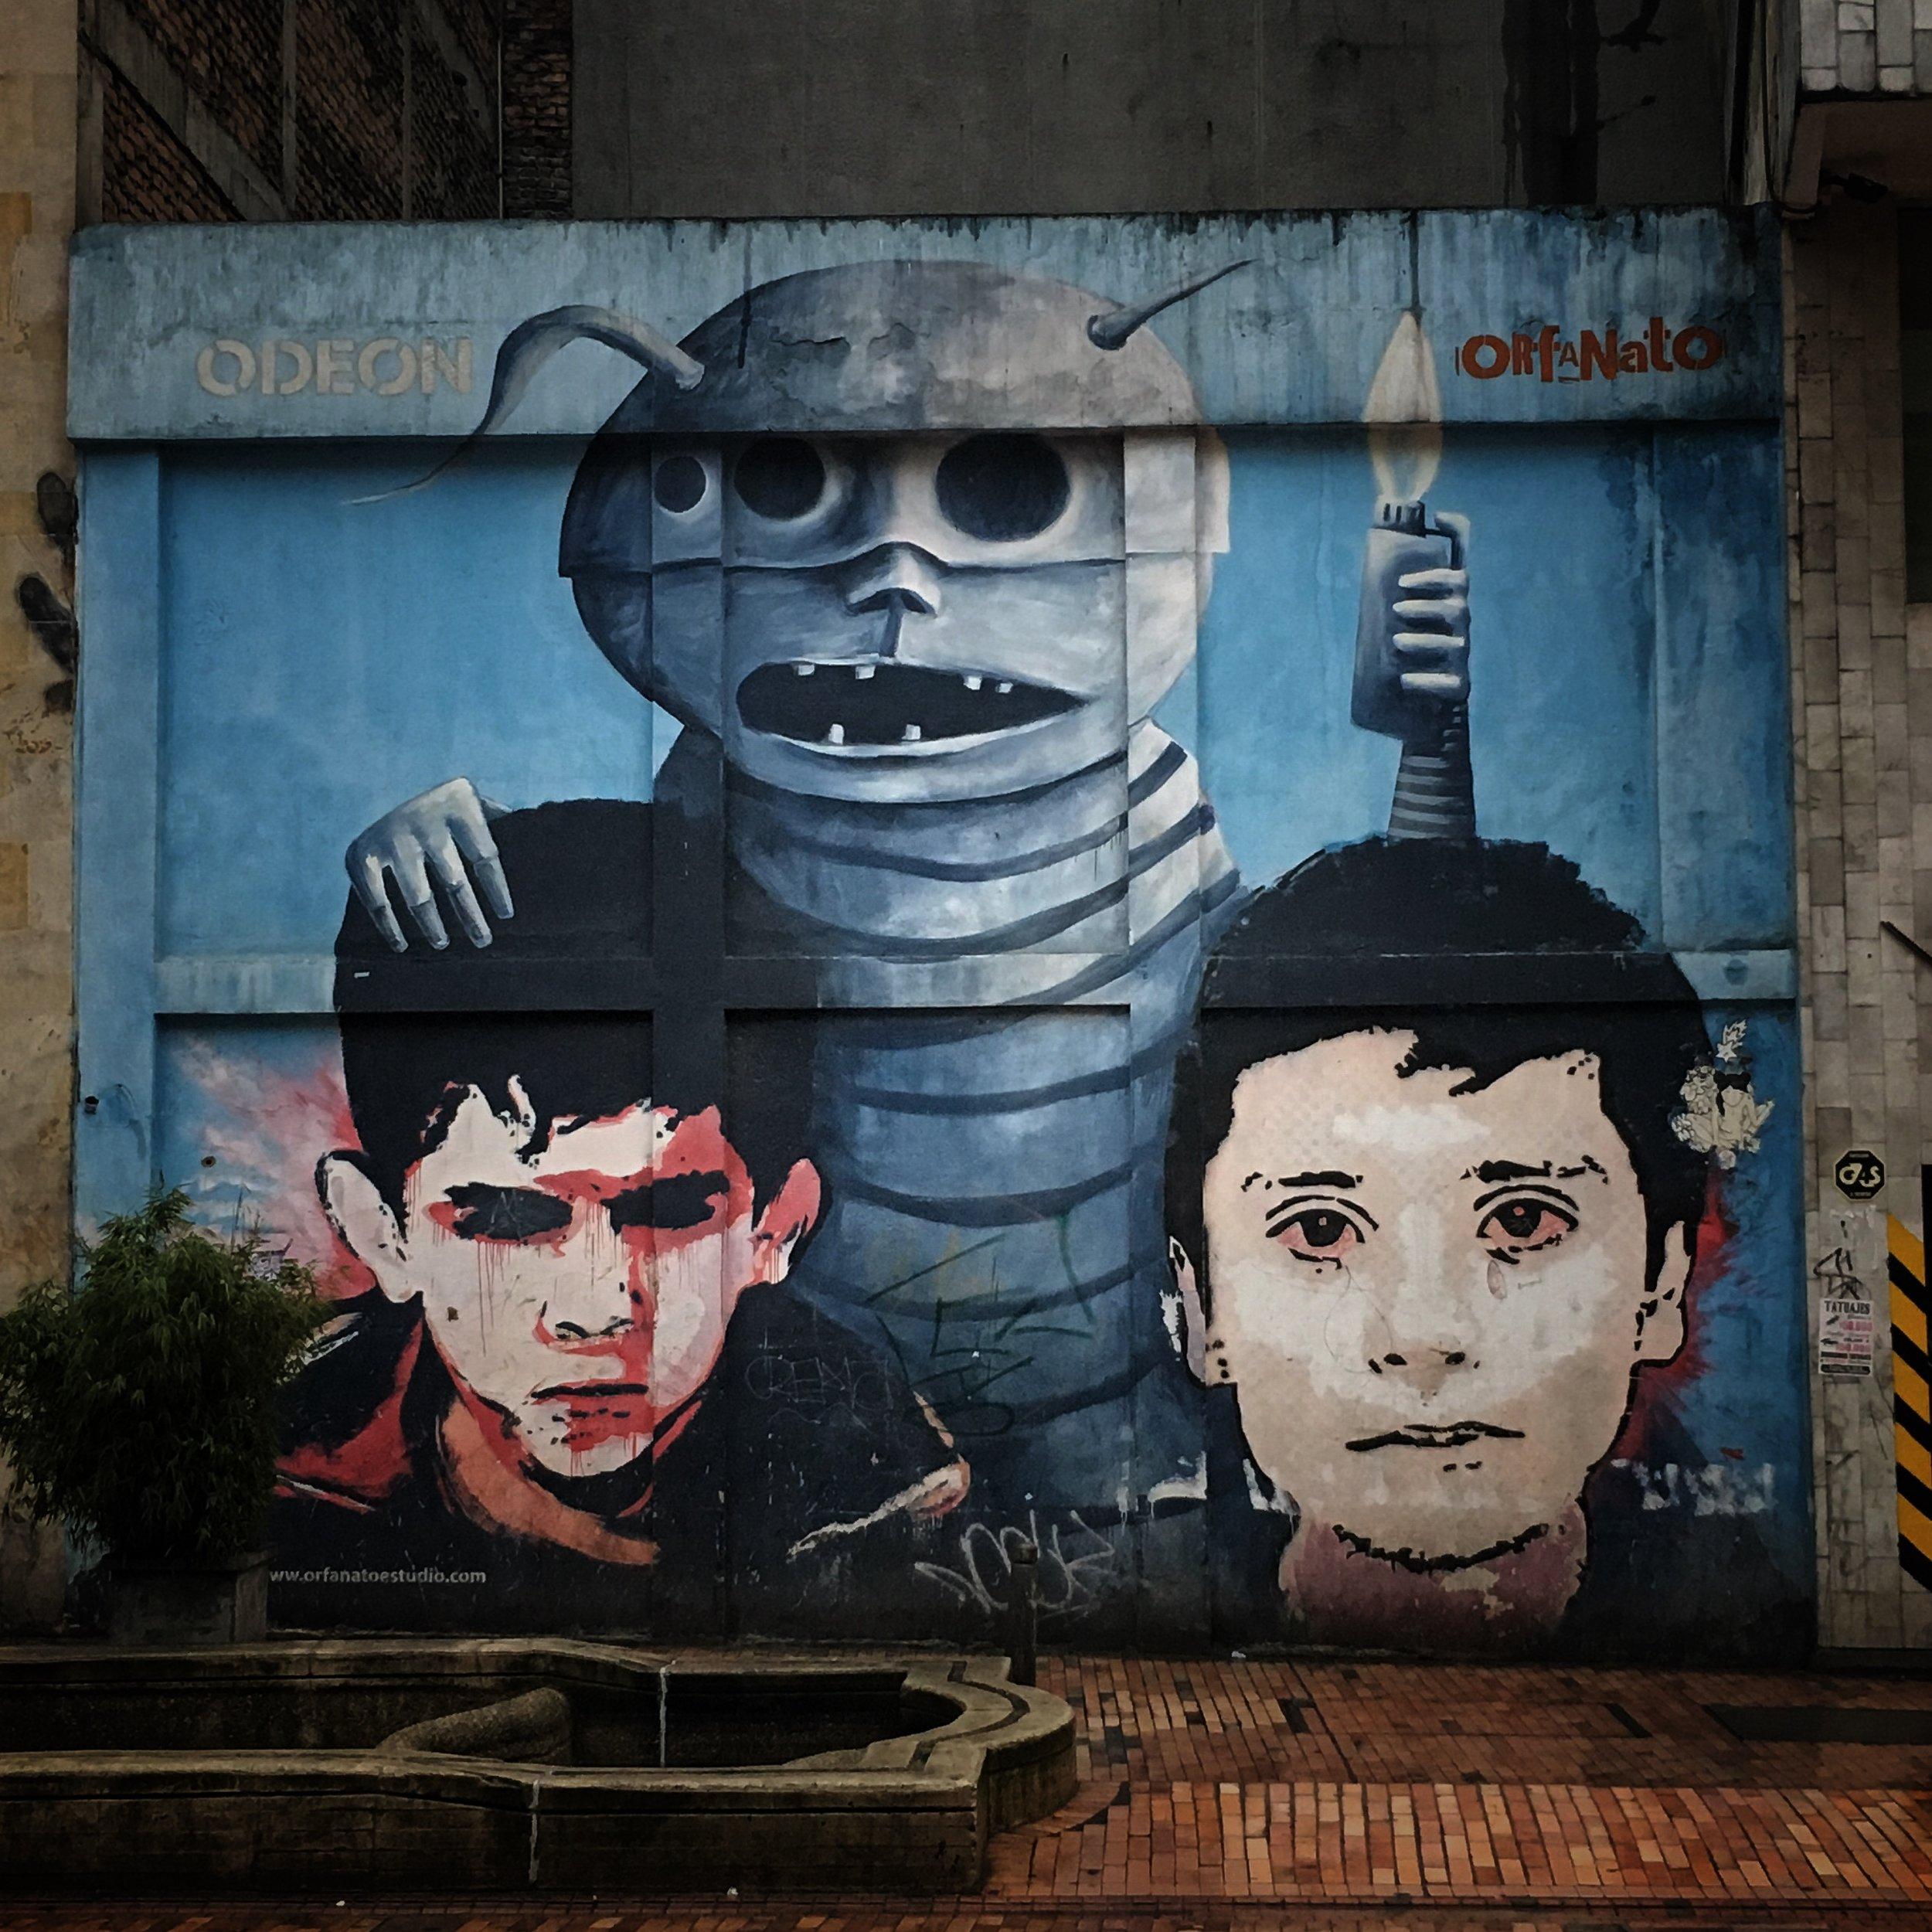 @orfanatostudiograffiti